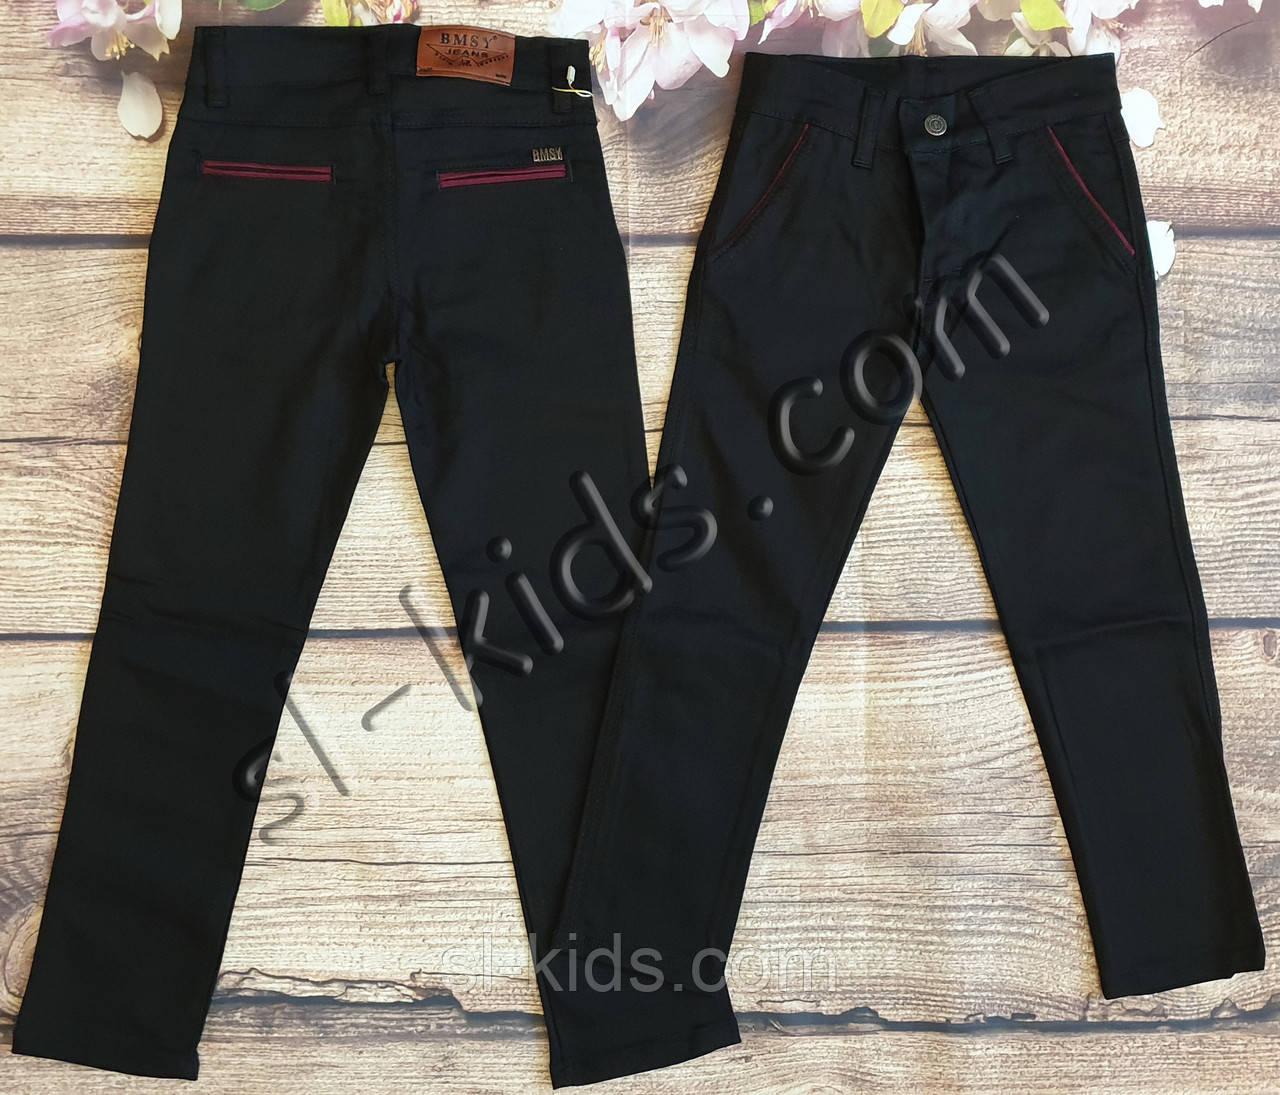 Яркие штаны для мальчика 12-16 лет (черные01) опт пр.Турция